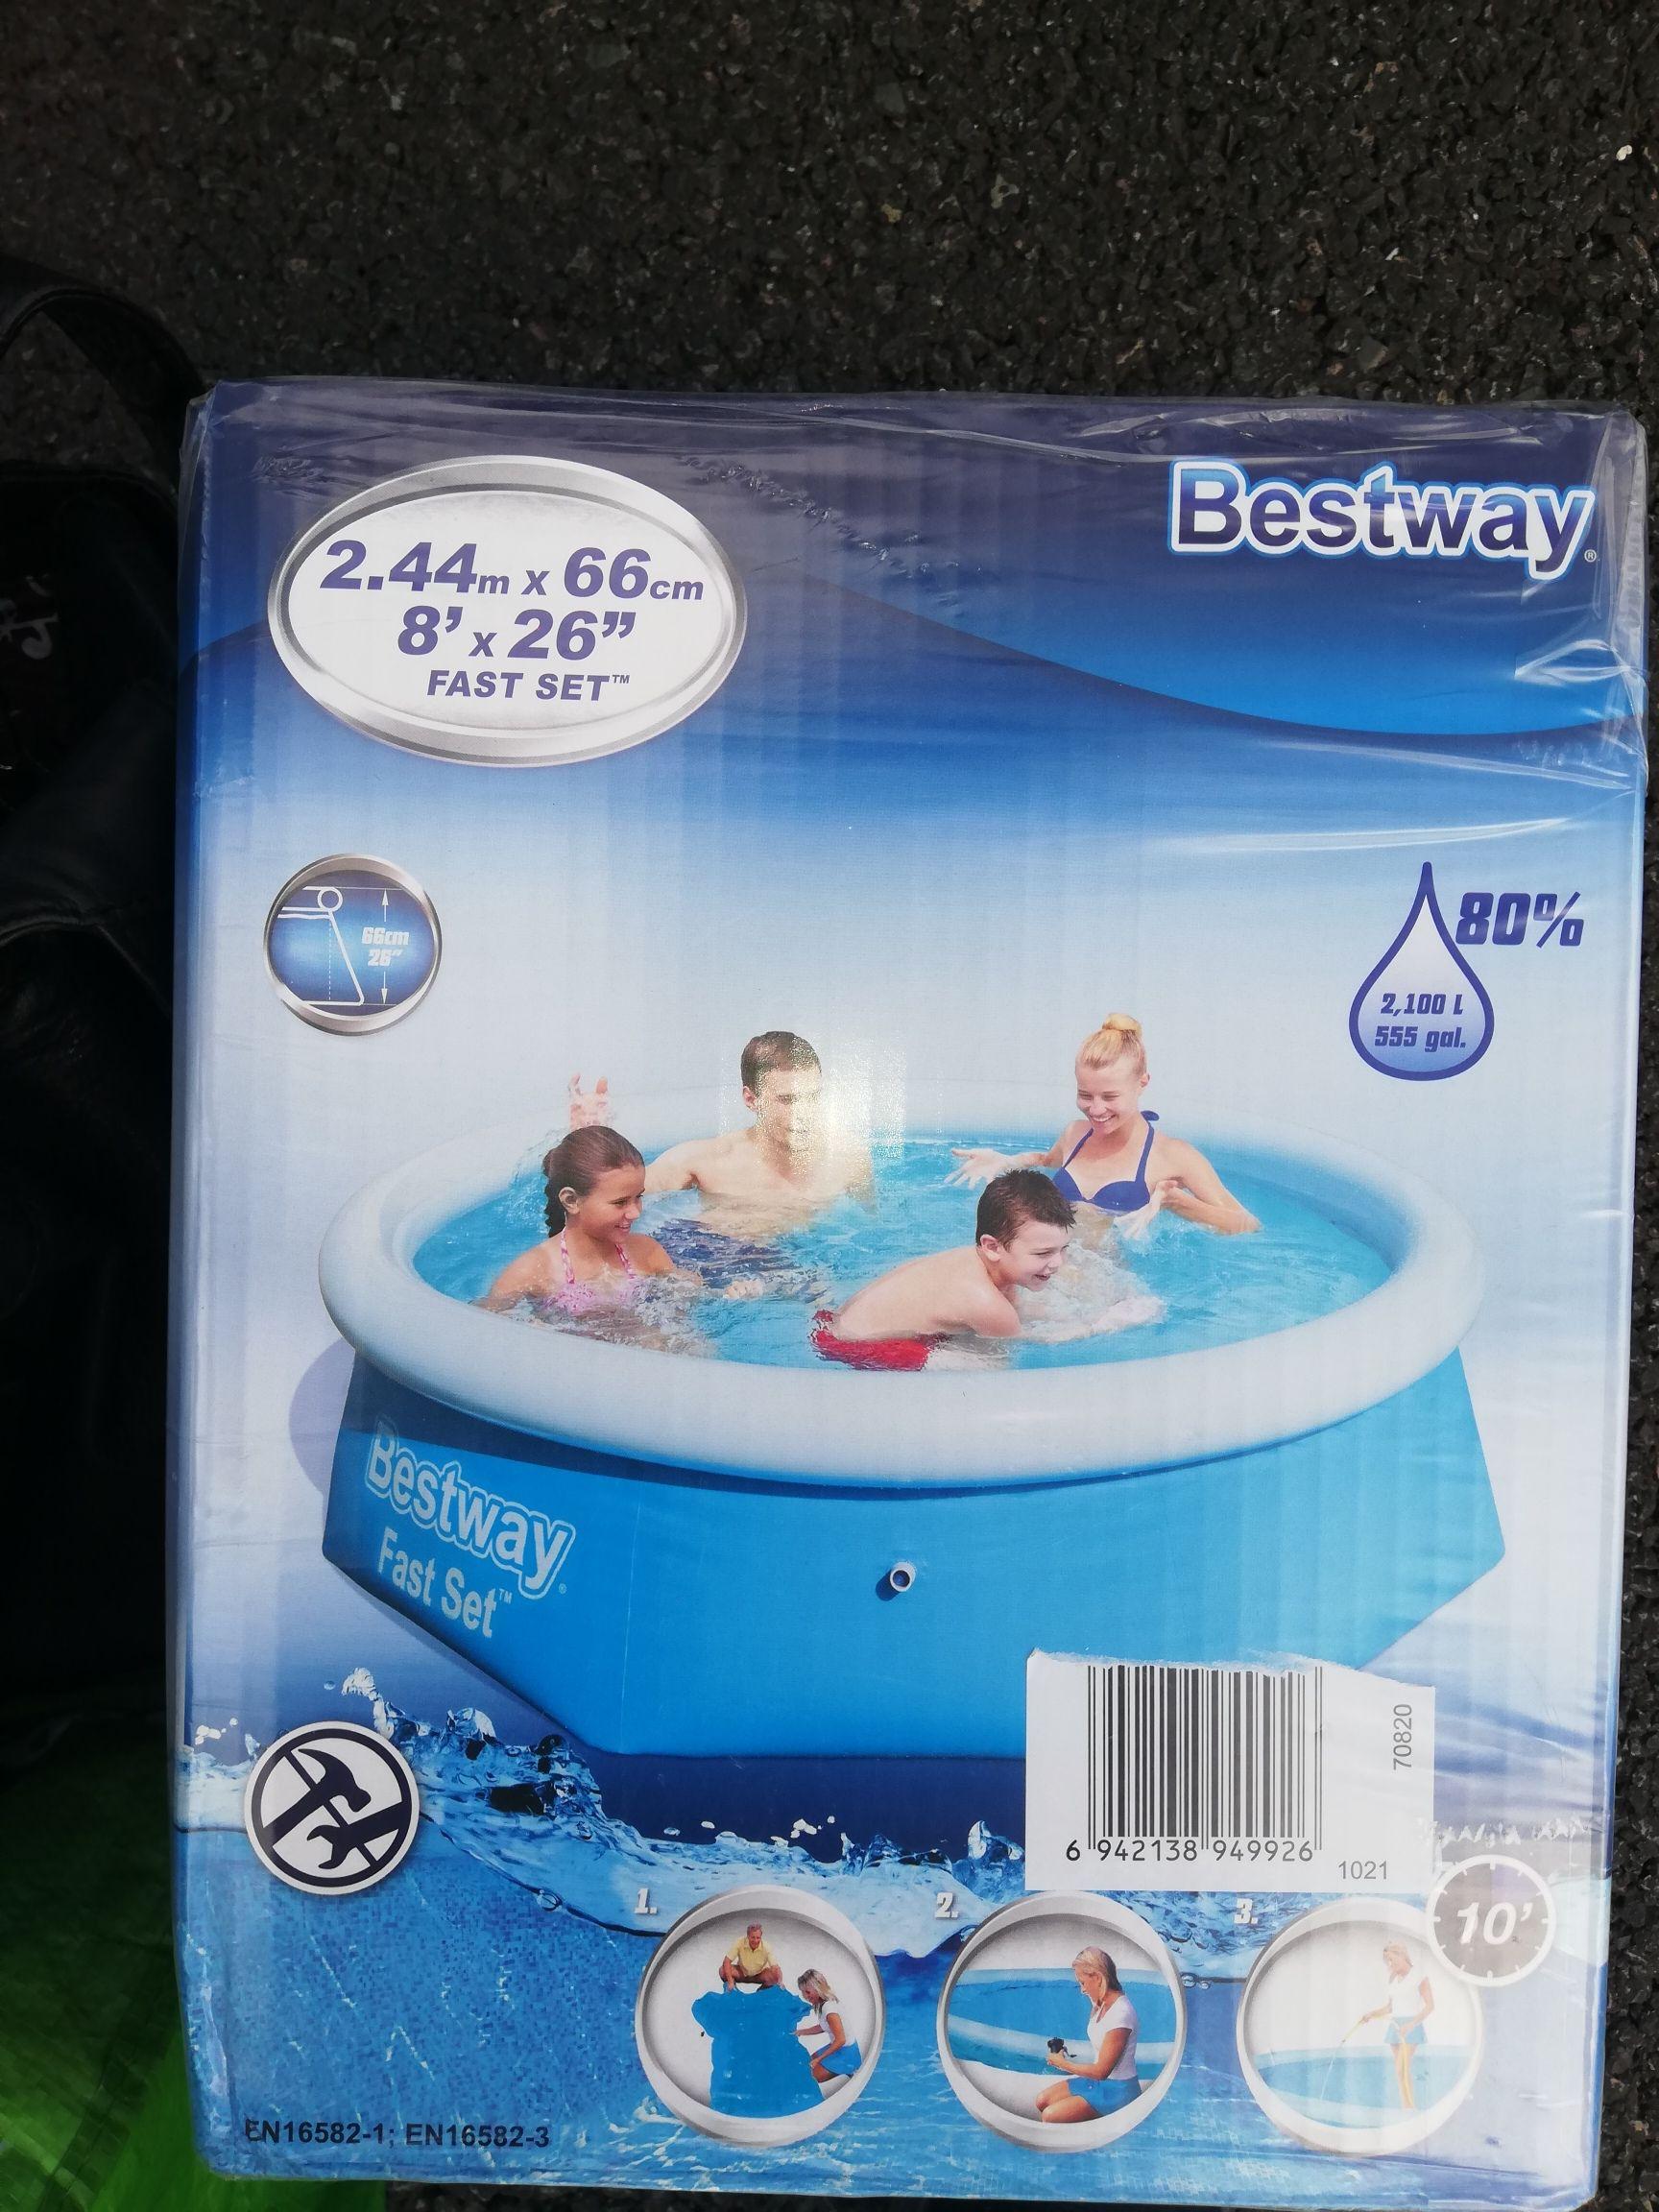 Best Way Fast Set Pool - £12 Instore @ Homebase